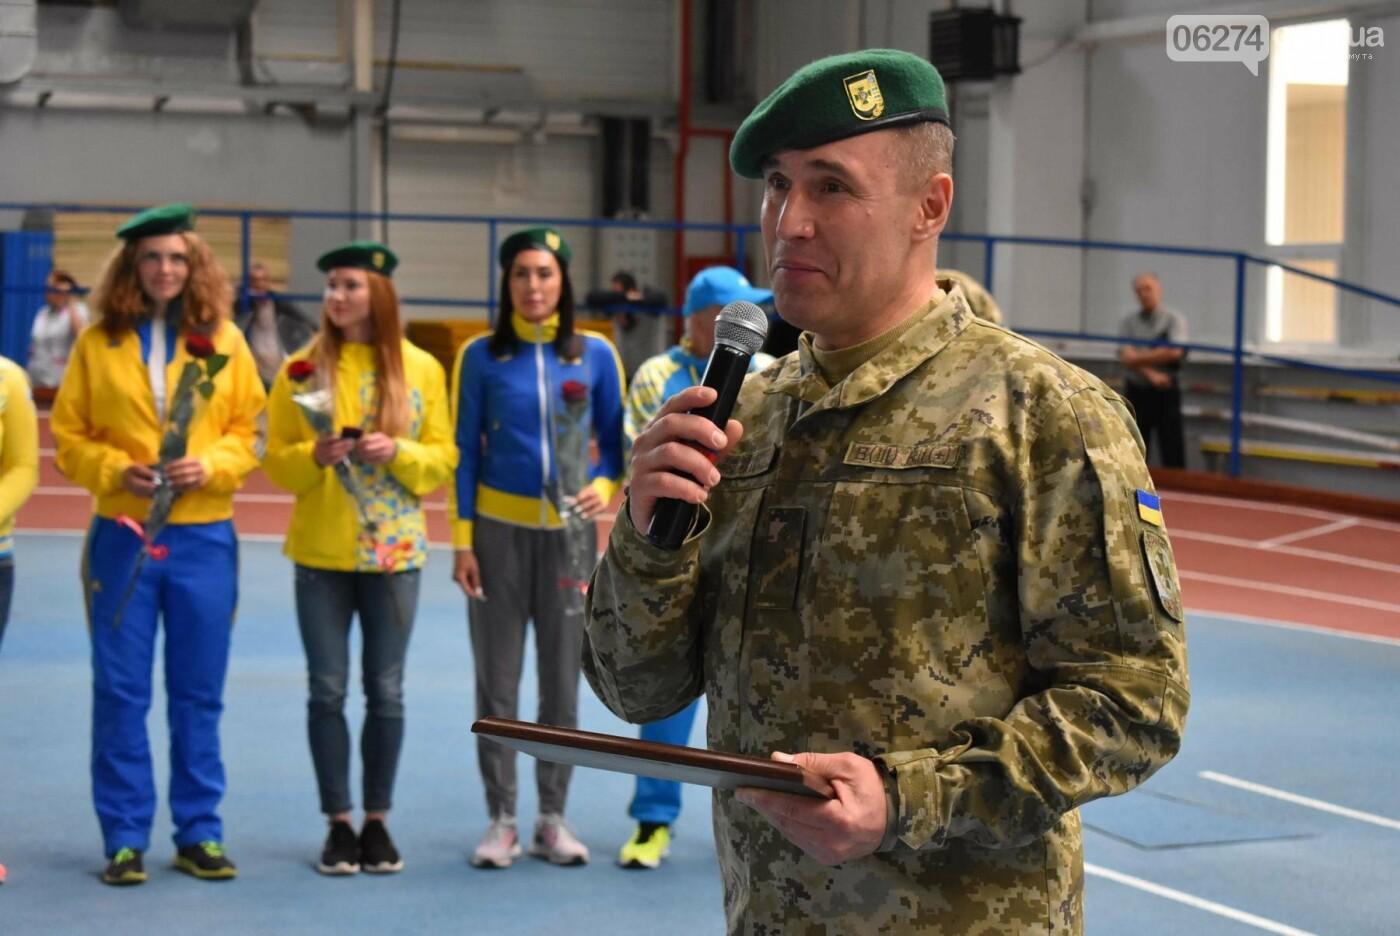 В Бахмуте презентовали спортсменов-олимпийцев Государственной пограничной службы Украины, фото-2